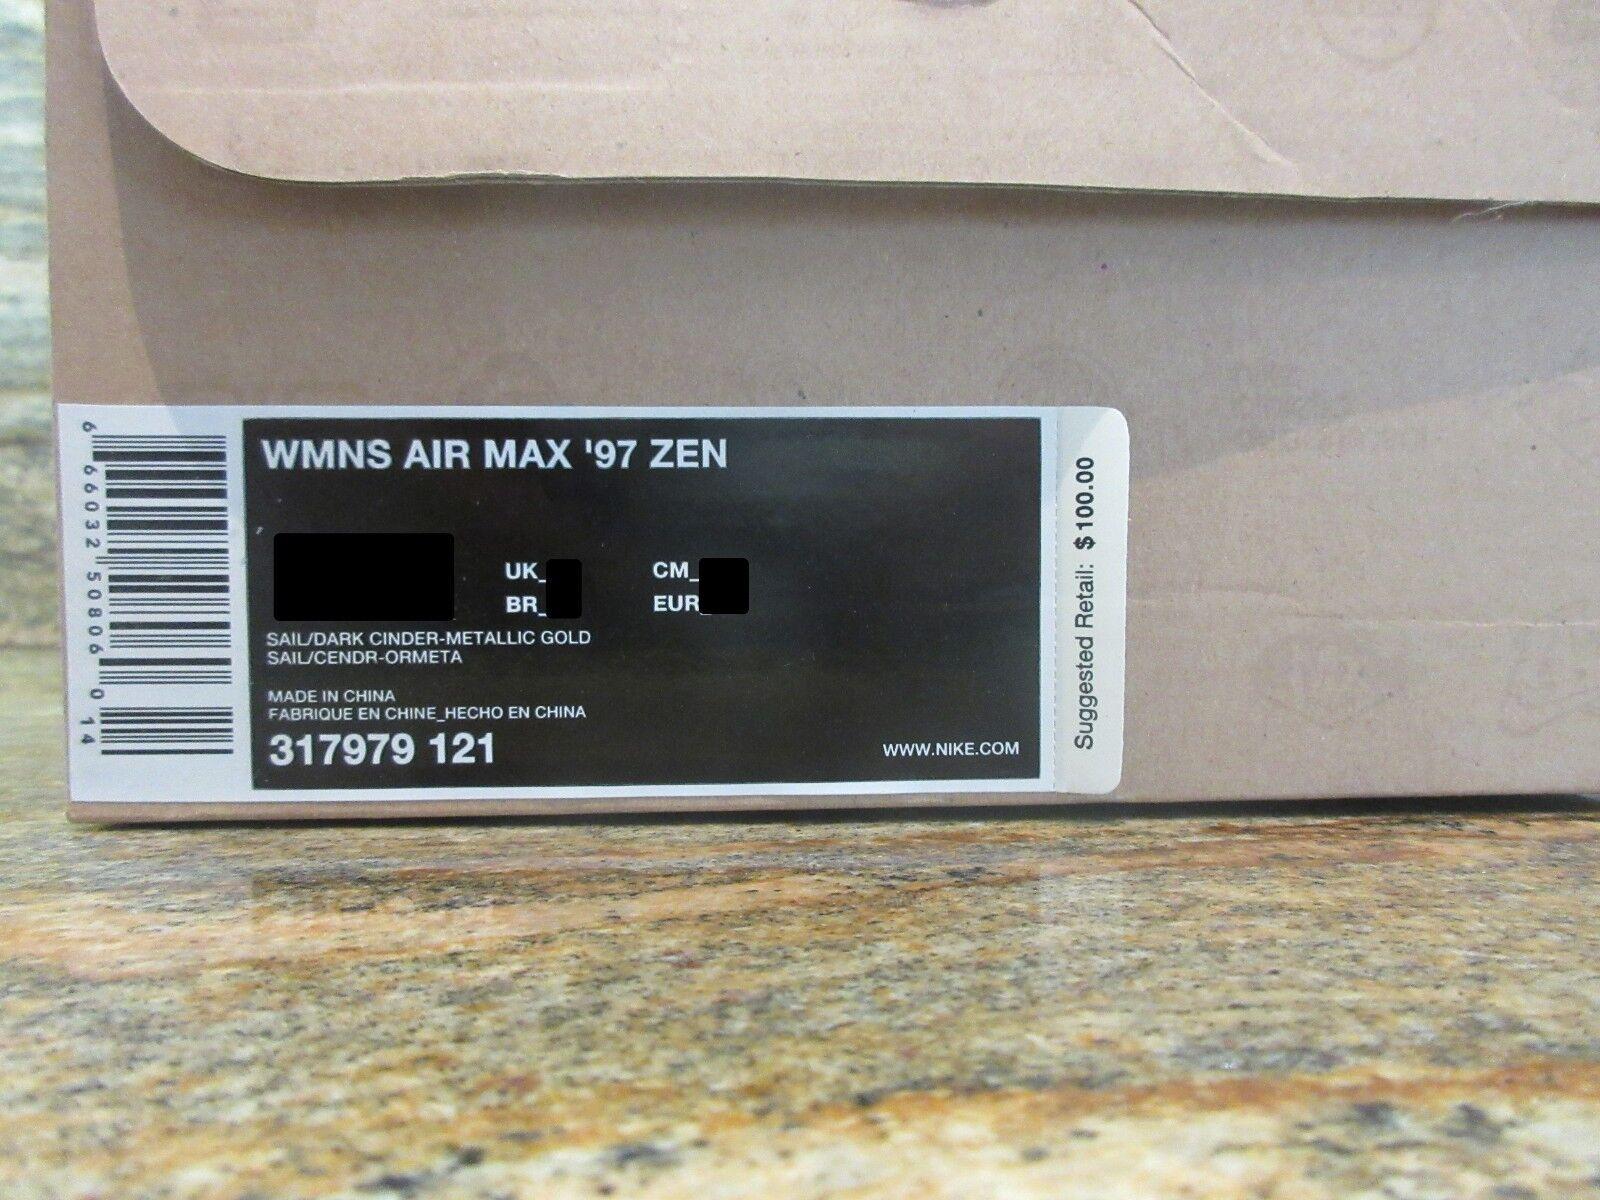 2008 97 WMNS Nike Air Max 97 2008 Zen SZ 8.5 Wood Grain Sail Dark Cinder Gold 317979-121 c6b5bc